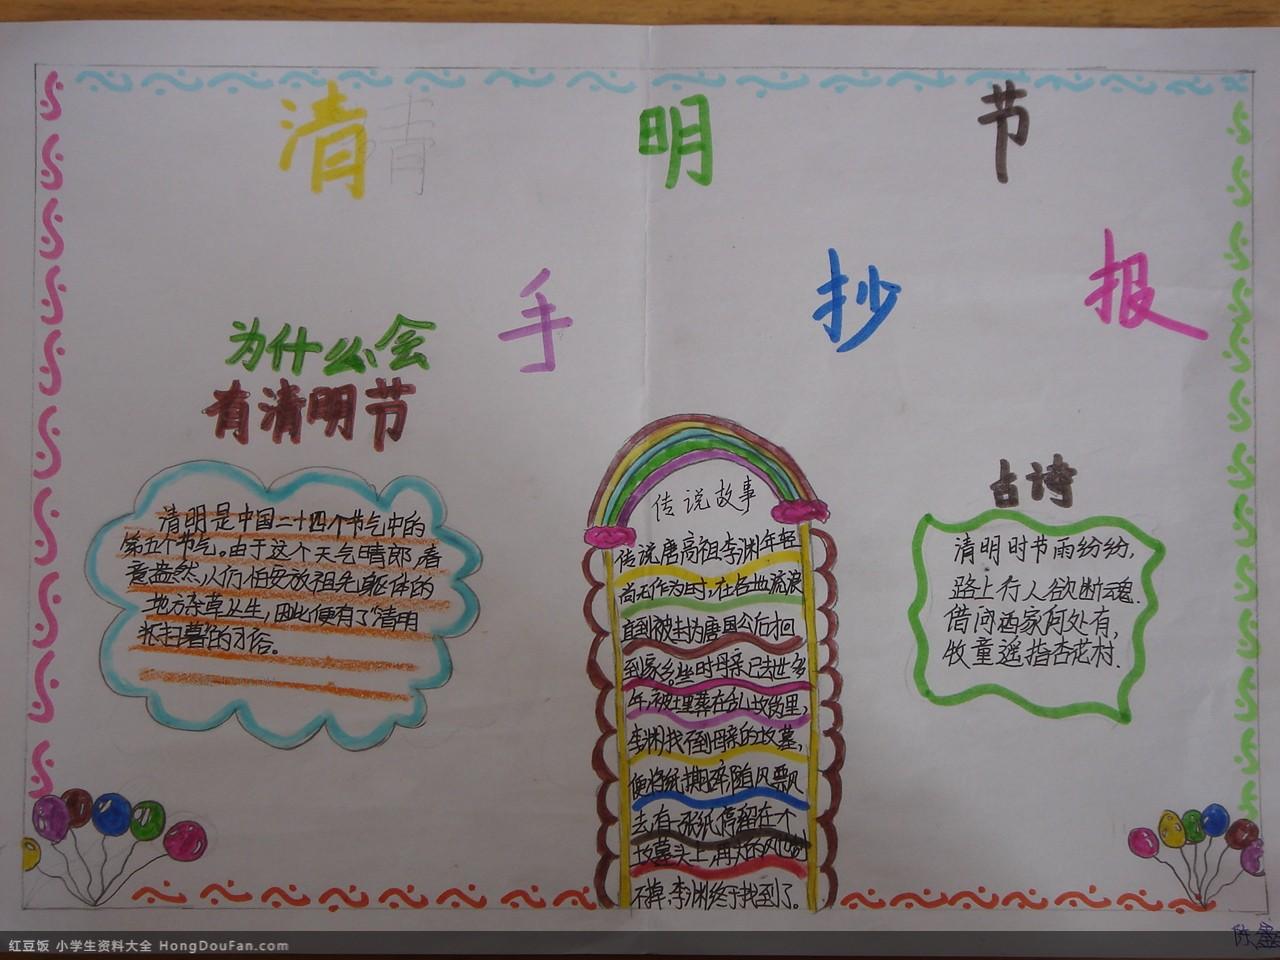 表情 清明节传说故事手抄报 红豆饭小学生资料大全 表情图片